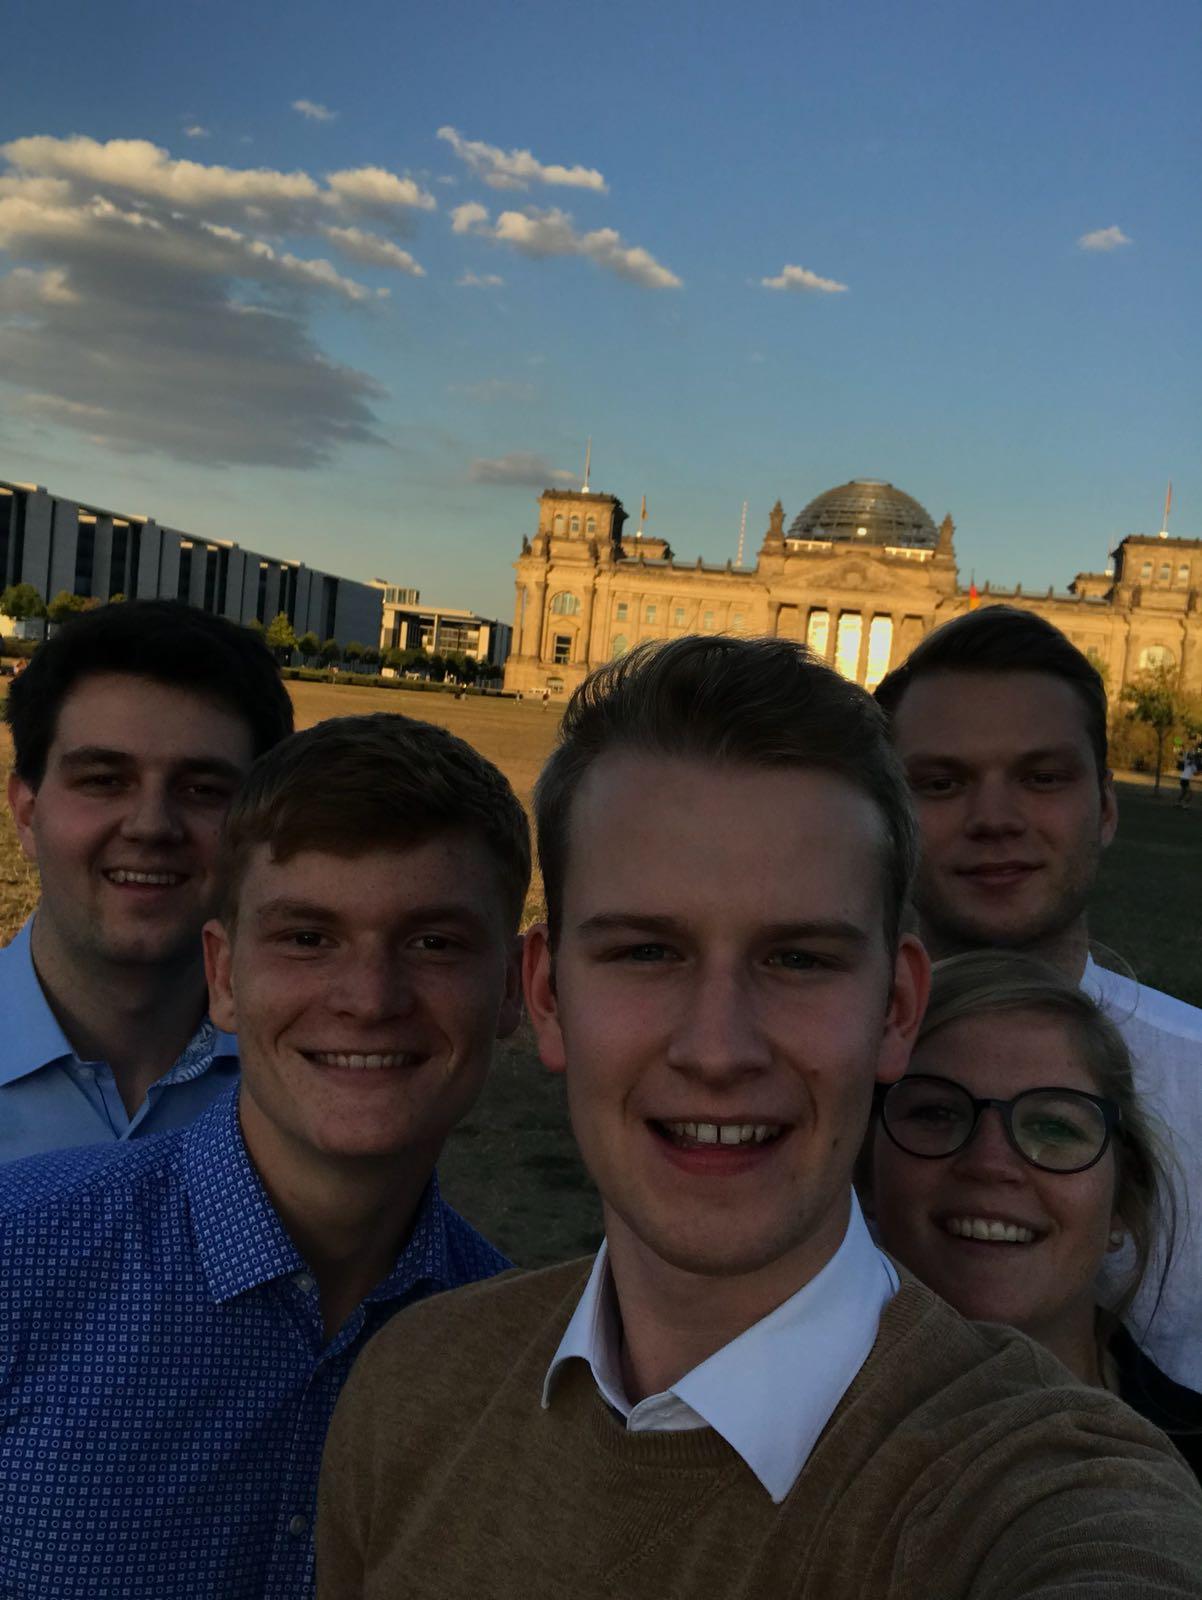 Das obligatorische Selfie am Reichstagsgebäude haben wir natürlich auch gemacht.